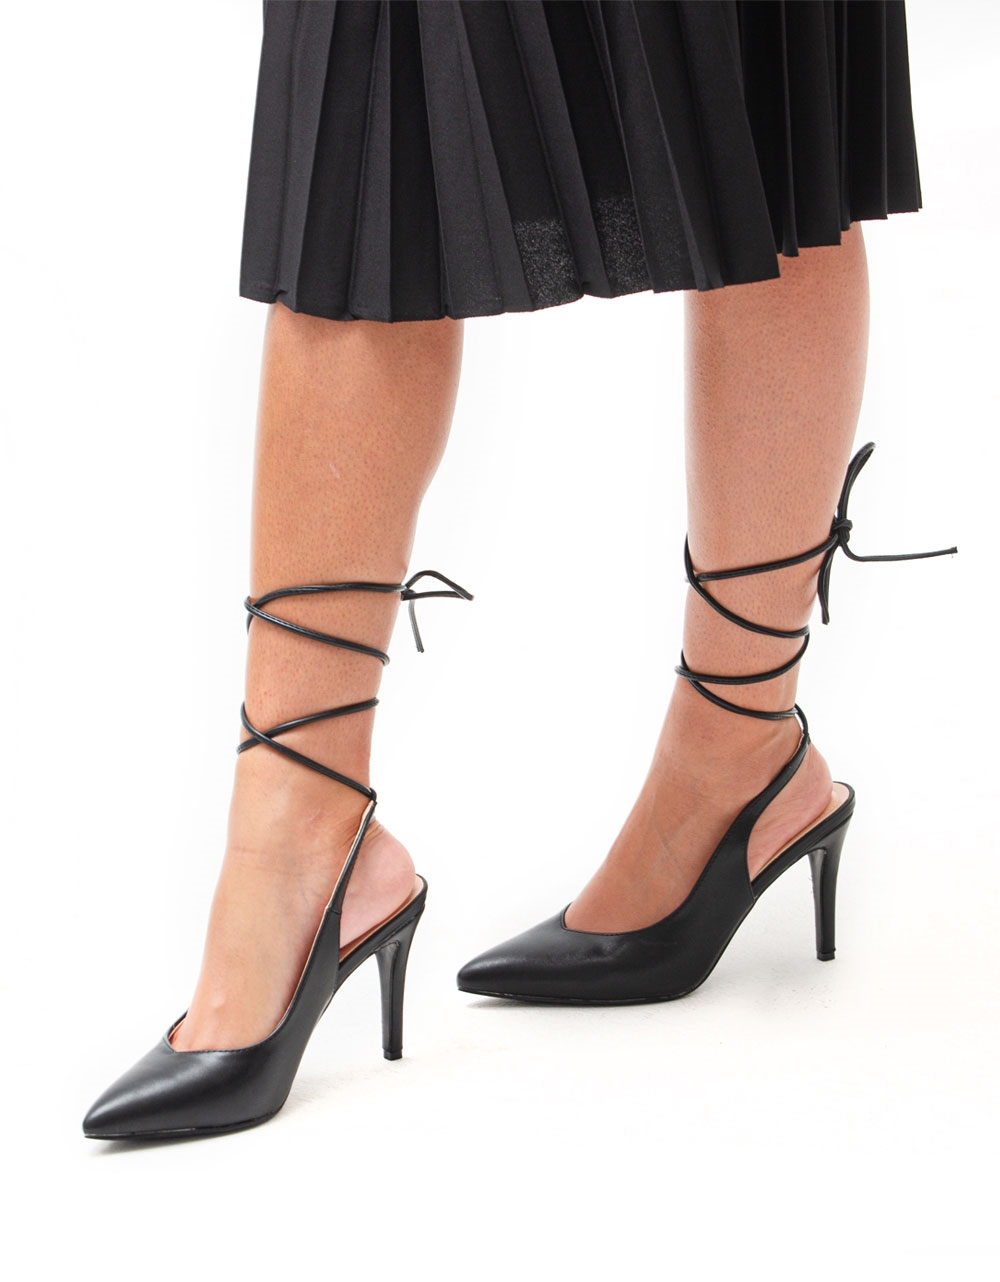 Εικόνα από Γυναικείες γόβες lace up με λεπτό τακούνι Μαύρο